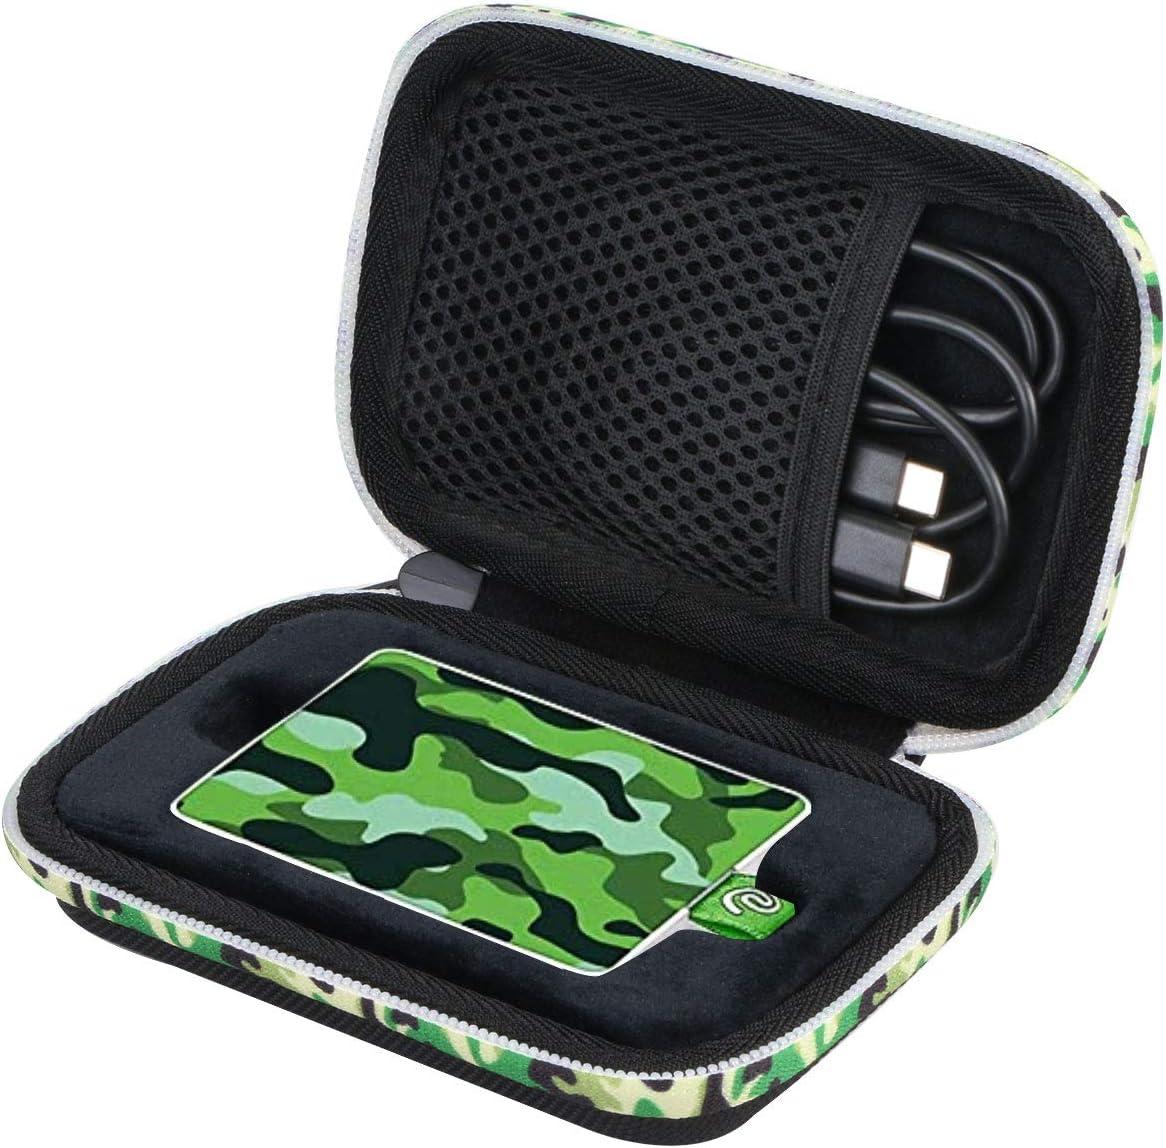 co2CREA Duro Viajar Caso Cubrir Estuche para Seagate One Touch SSD Unidad Estado sólido Externa 1TB/500GB (Fundas para One Touch SSD, Cremallera Camuflaje Verde): Amazon.es: Electrónica